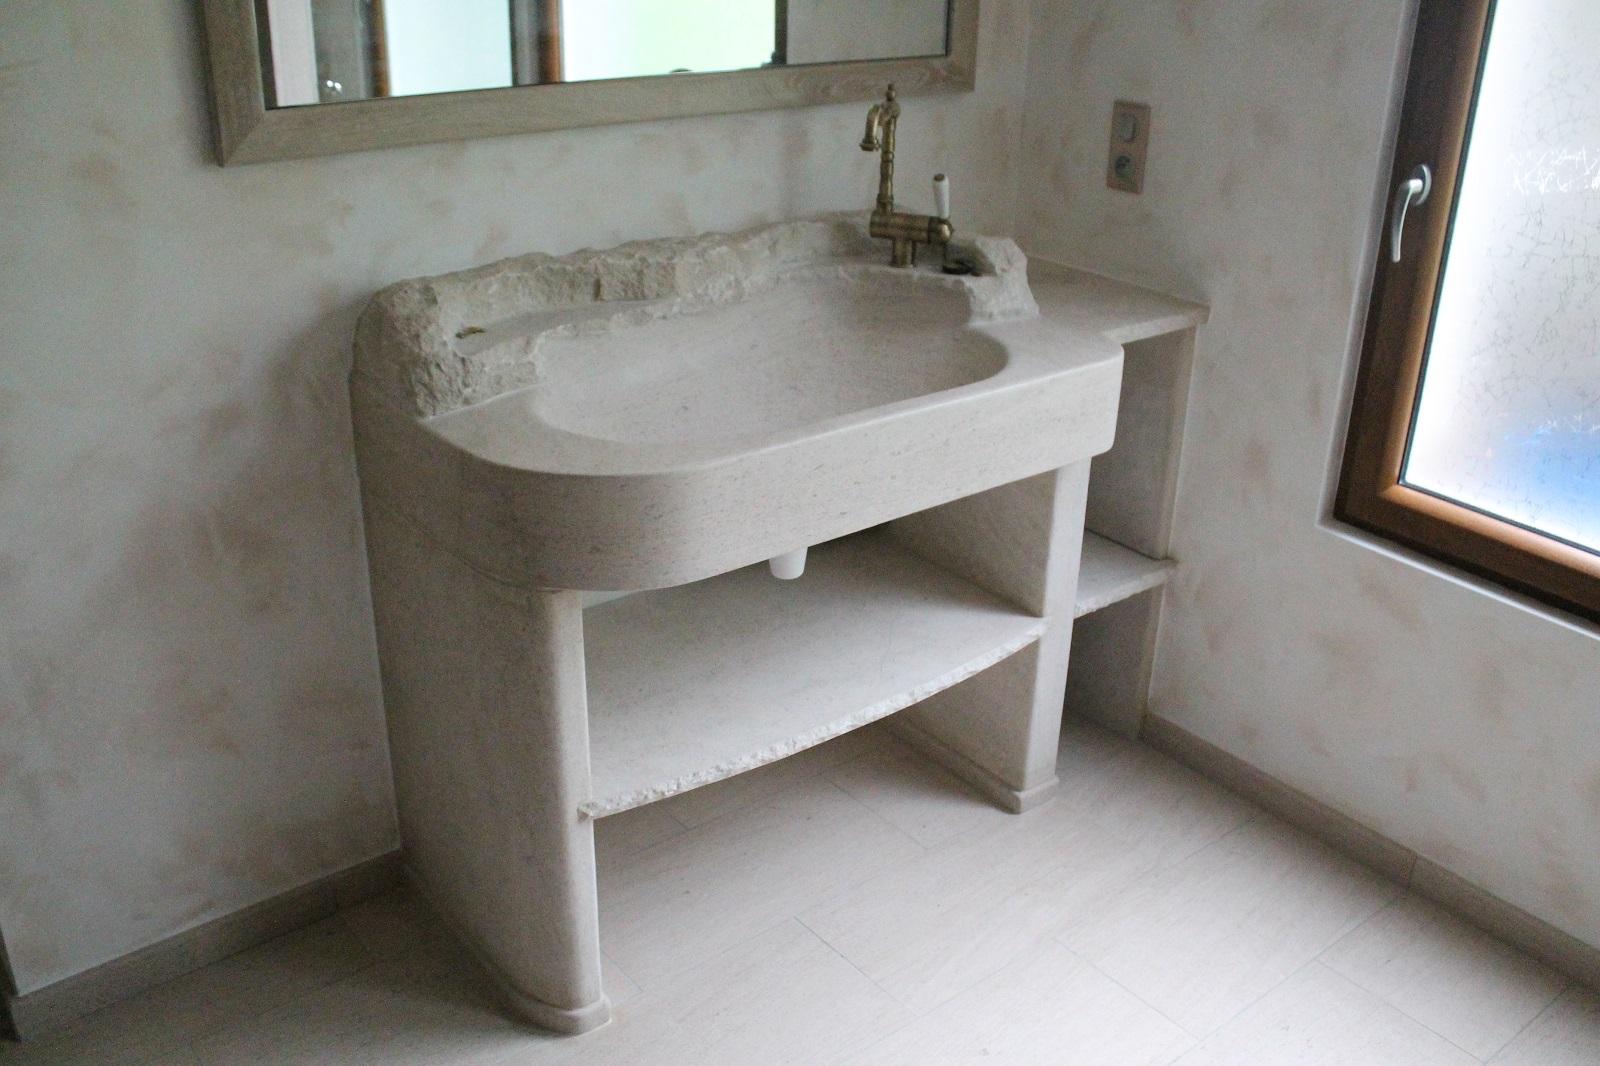 vasque-evier-salle-de-bain-taille-pierre-naturelle-calcaire-marbre-pieds-tablette-sur-mesure